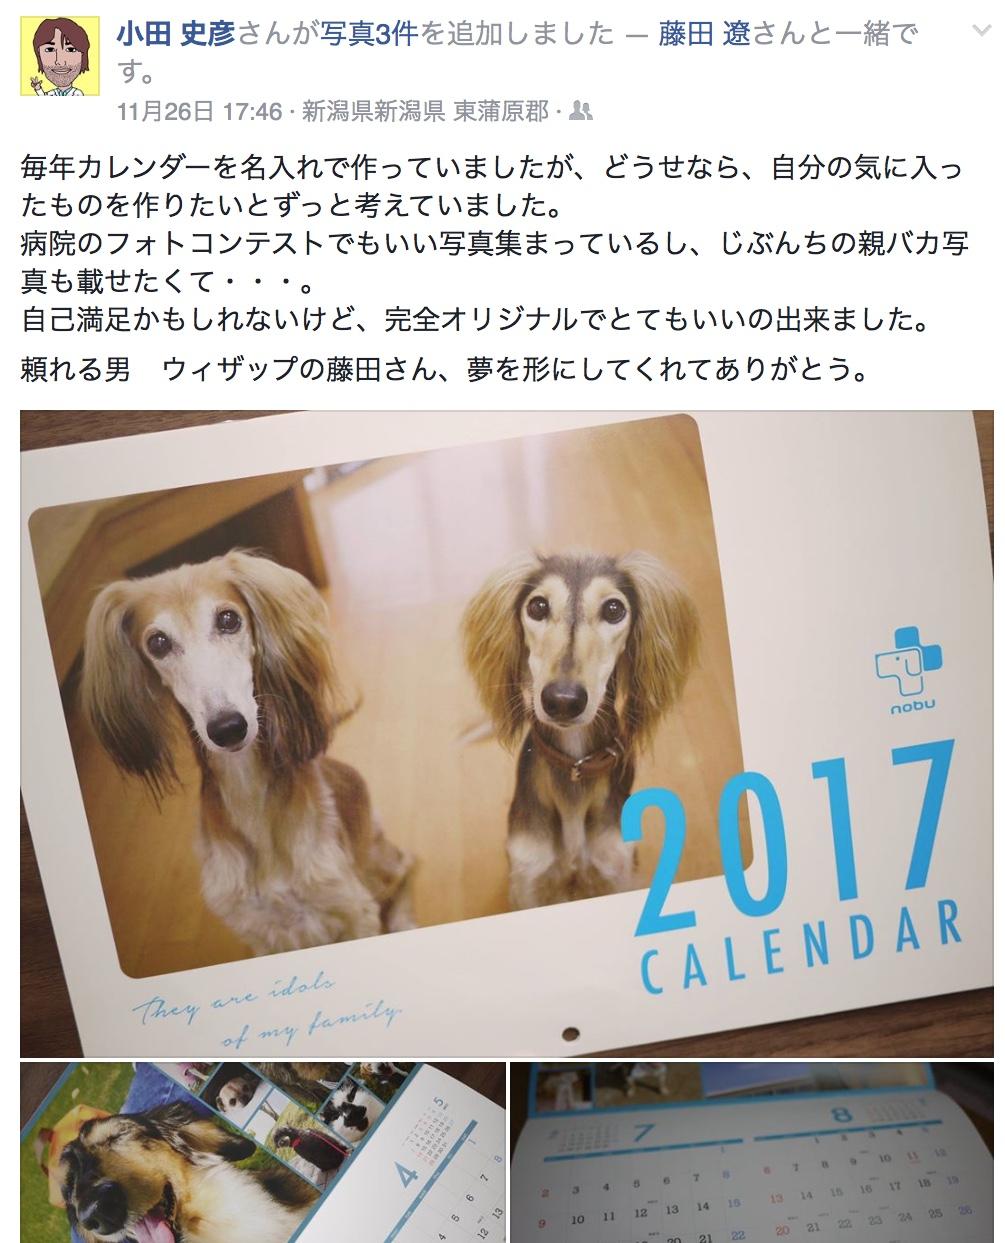 小田院長の投稿 「夢を形にしてくれてありがとう」